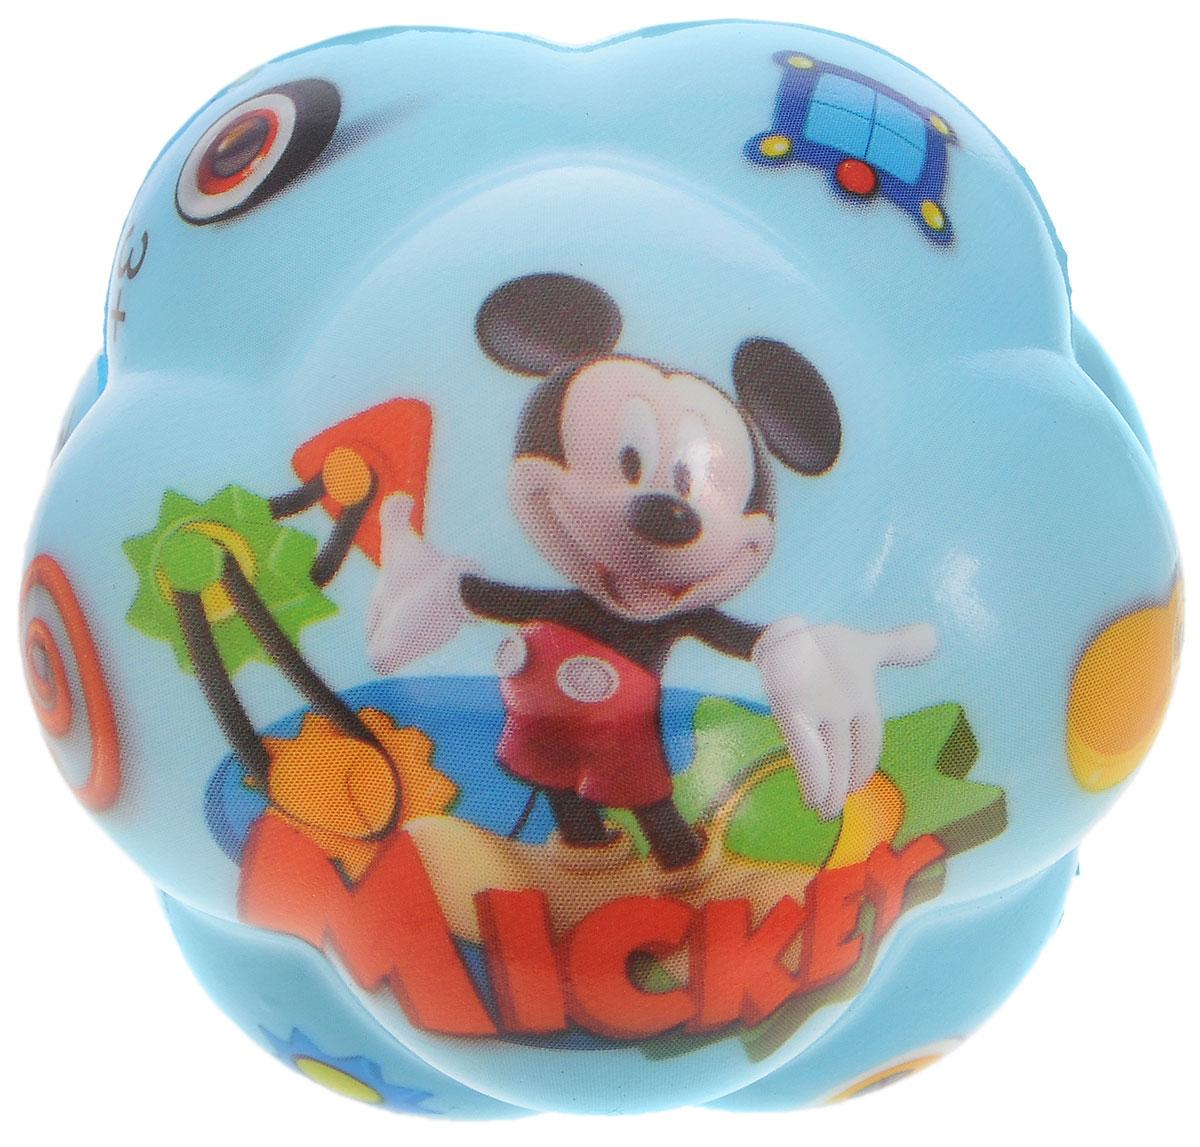 John Игрушка Суперпрыгающий мяч Mickey56621WD_голубойJohn Суперпрыгающий мяч бозагга Mickey прекрасно подойдет для самых маленьких. Мячик выполнен из ПВХ, имеет необычную форму с выпуклостями, которая обеспечивает ему высокую прыгучесть. Мячик с изображением героя любимого мультфильма непременно заинтересует ребенка, ему сразу захочется его потрогать. Яркий мячик станет незаменимым спутником для всех любителей подвижных игр. Он развивает координацию движений и мелкую моторику.